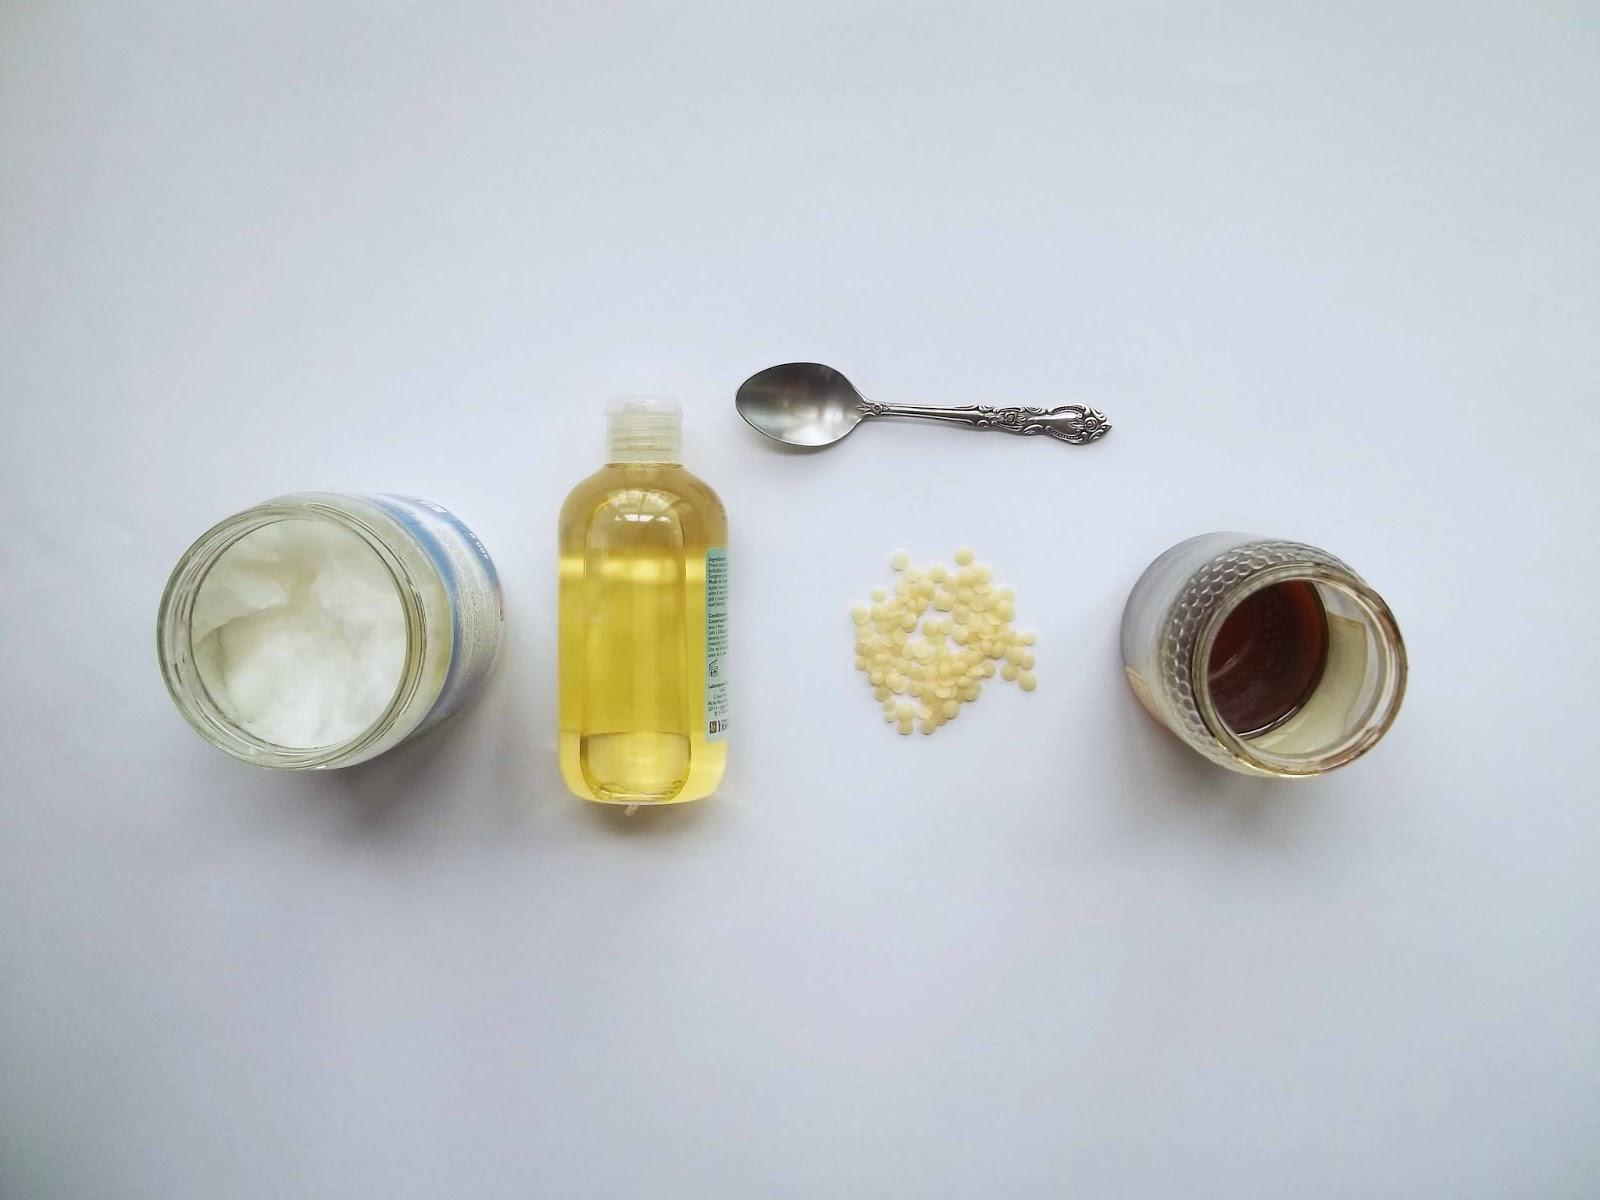 Bálsamo labial de coco y miel DIY